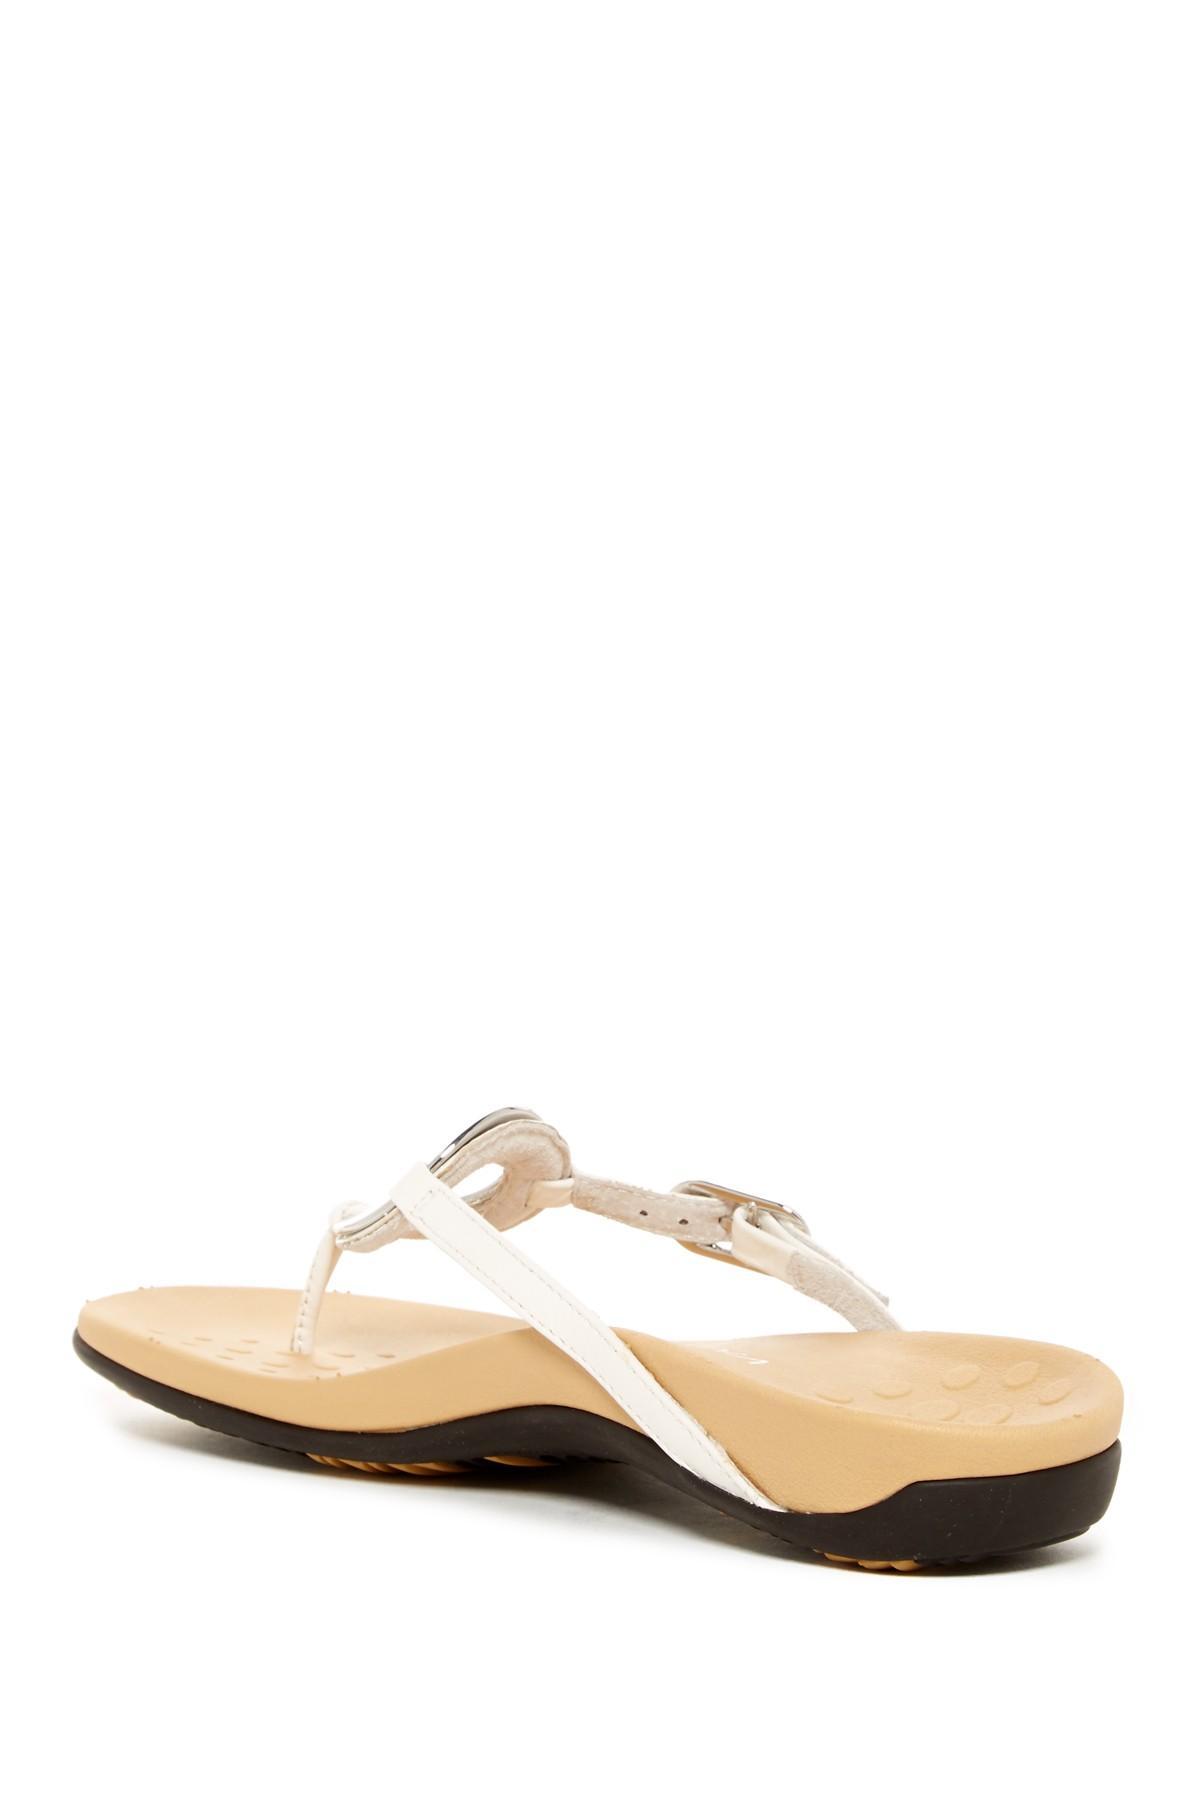 Merrell Shoes Women   Wide Width